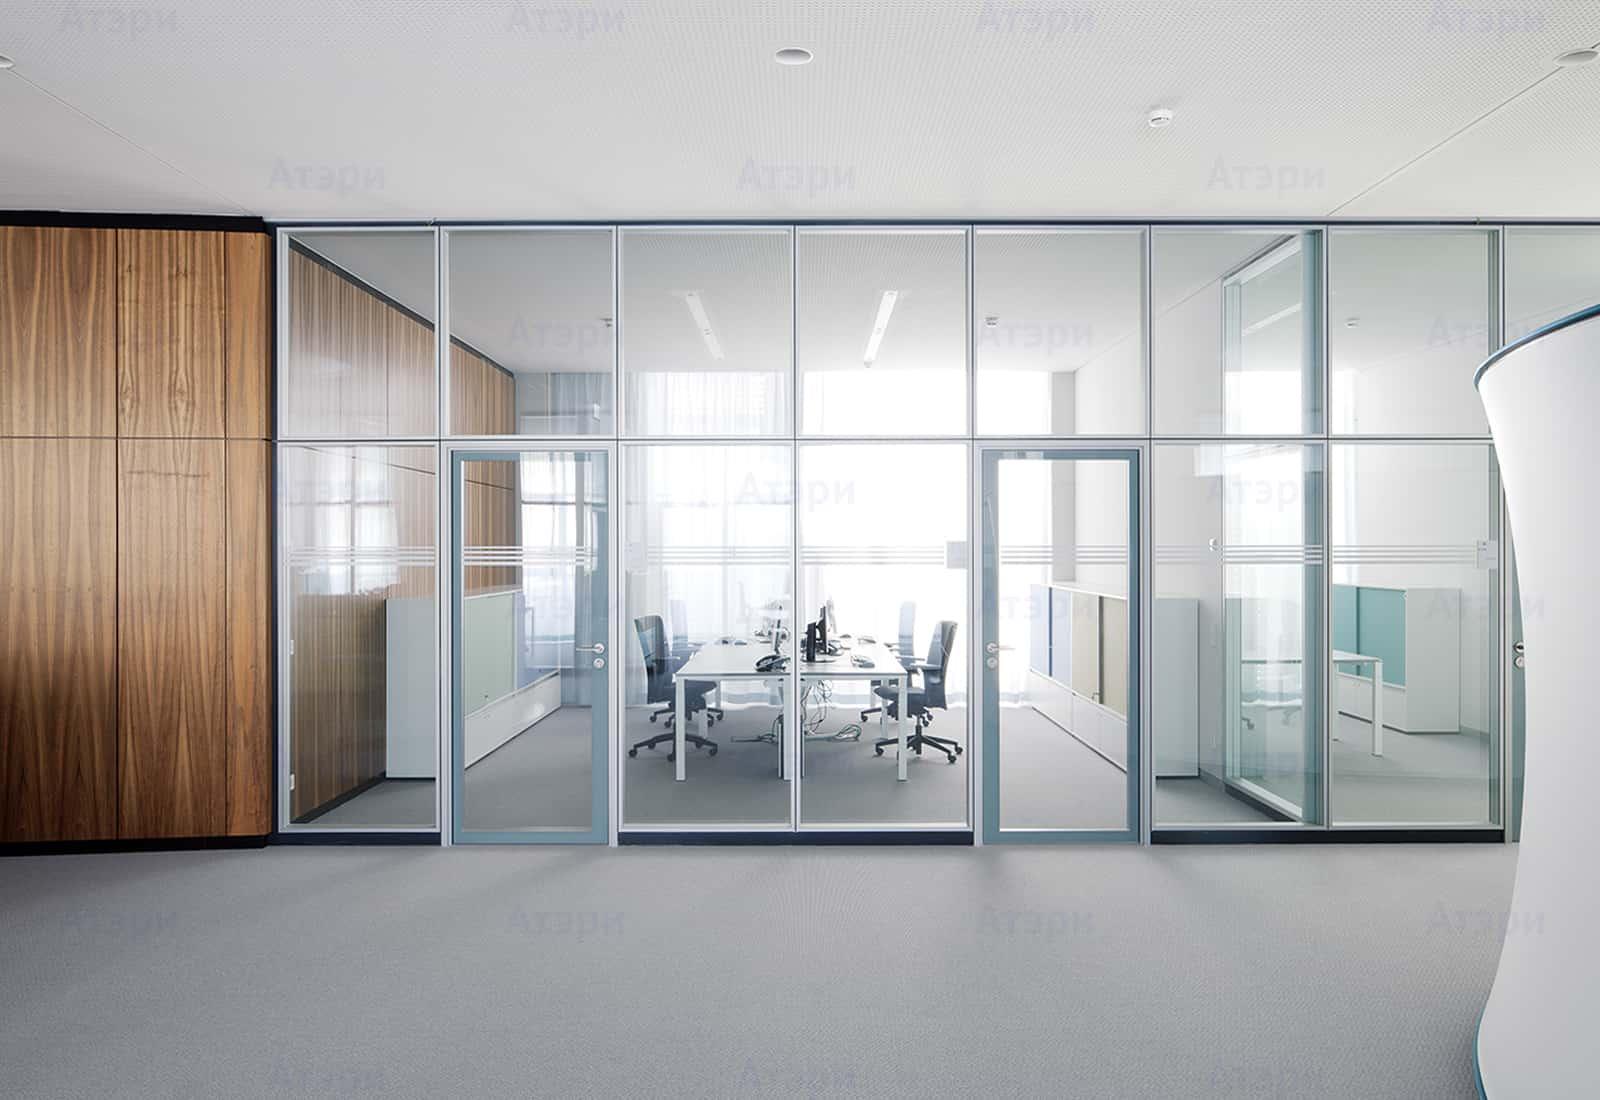 Современные офисные алюминиевые перегородки не только имеют презентабельный внешний вид, но и придают статус организацию.  АОС 85 - серия профилей для алюминиевых перегородок, предназначенная для изготовления офисных перегородок для формирования помещений, различных по функциональному назначению, в торговых центрах, офисных помещениях, где необходима организация рабочего пространства. Из алюминиевых профилей возможно реализовывать различные архитектурные и конструктивные решения.